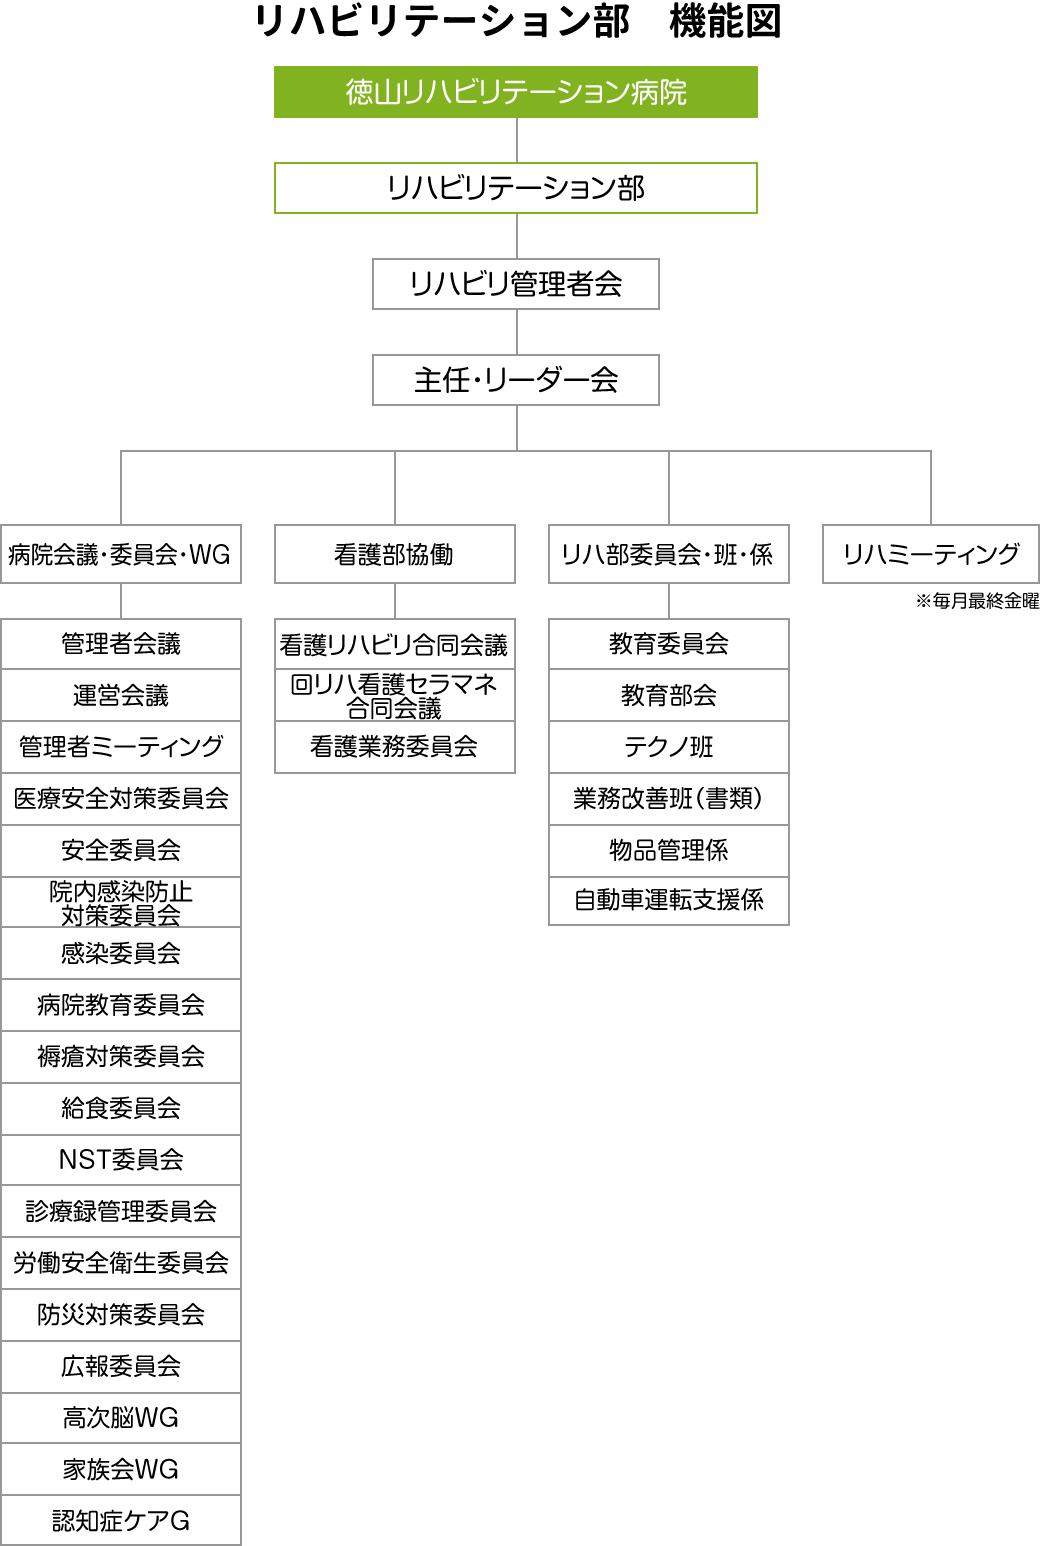 画像:チーム制の概念図